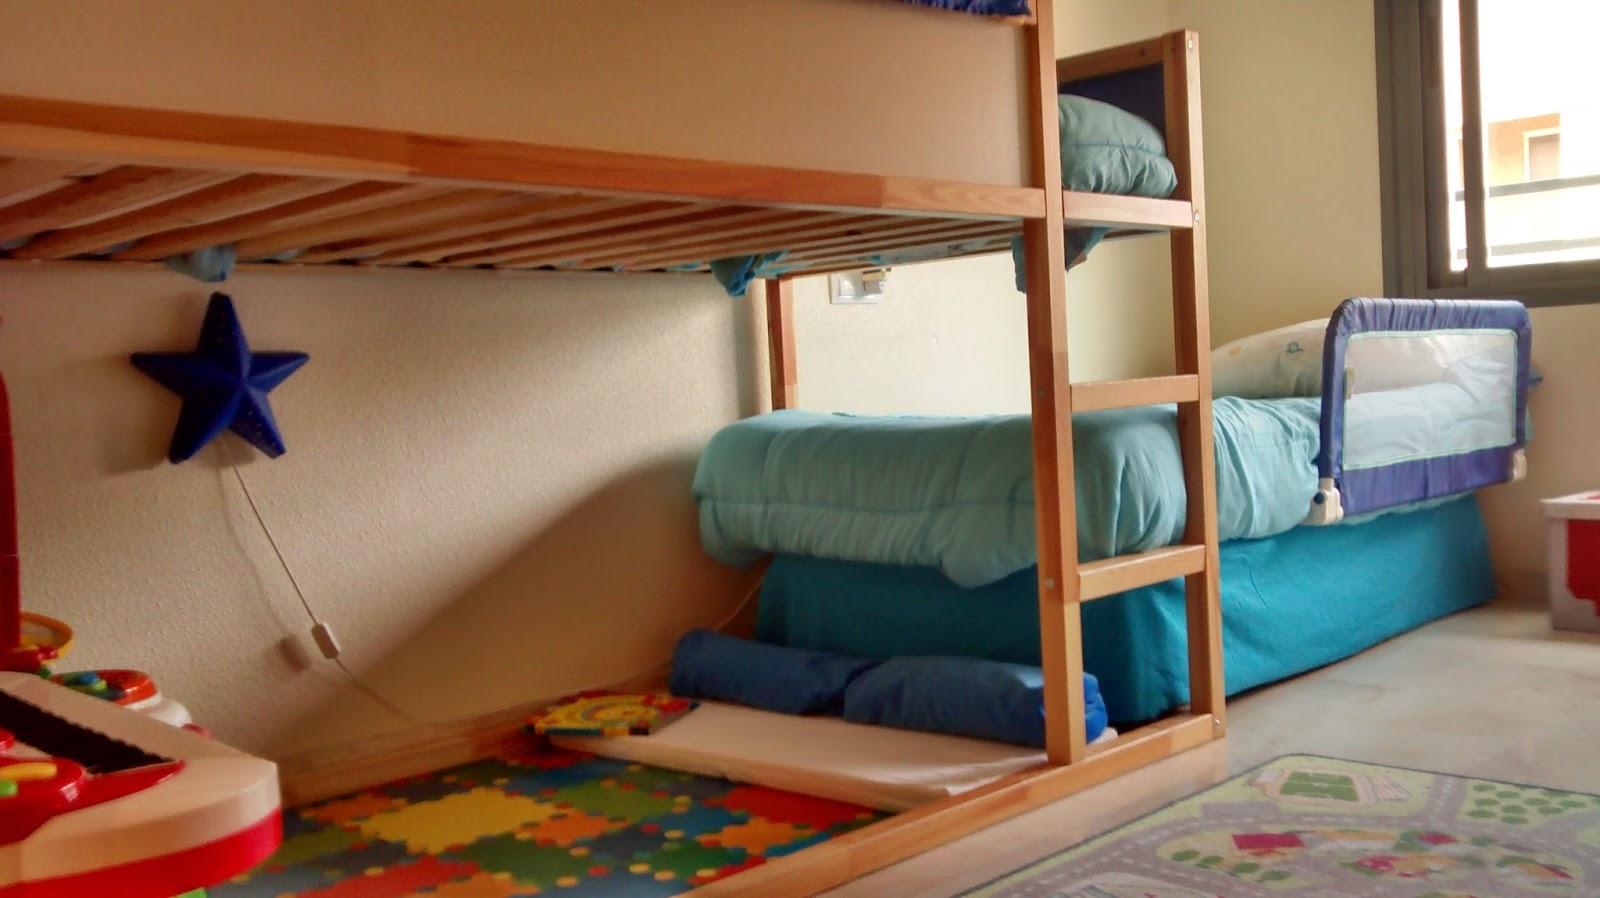 Literas en tren con la cama kura mi llave allen - Literas 3 camas ikea ...